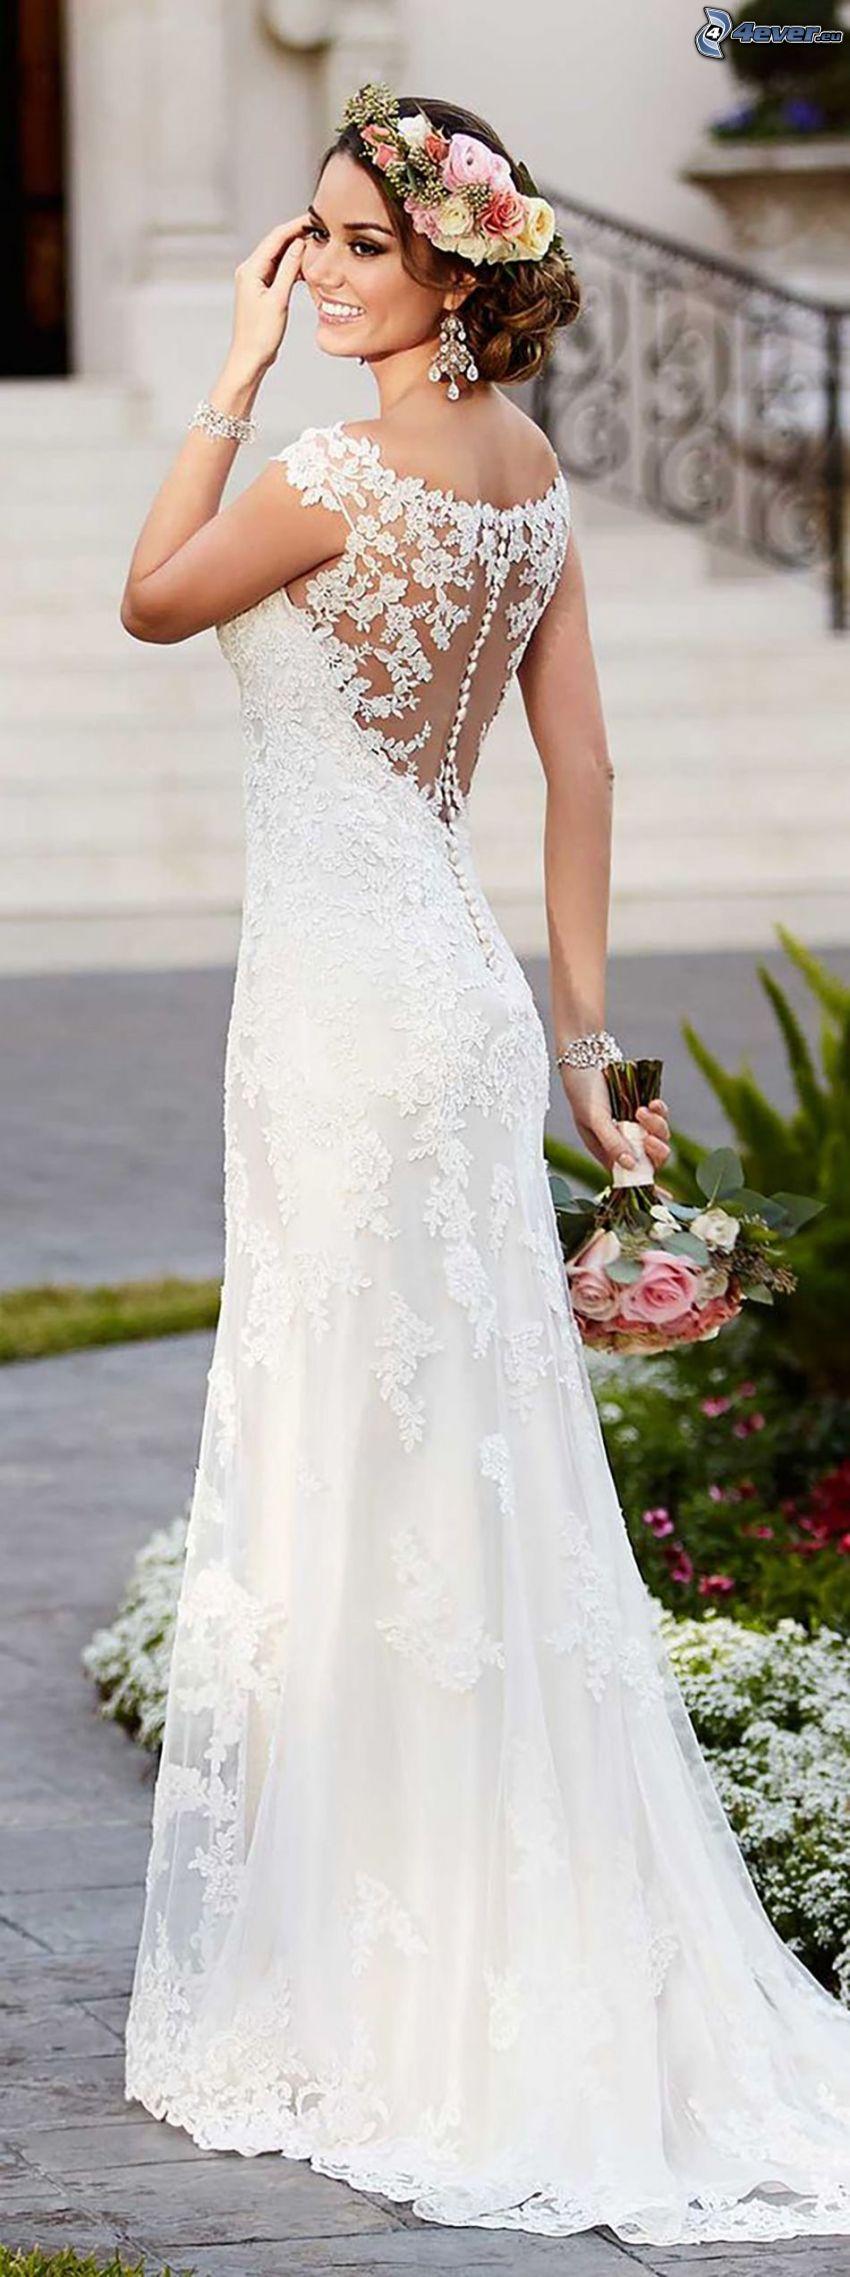 esküvői ruha, menyasszony, esküvői csokor, fejpánt